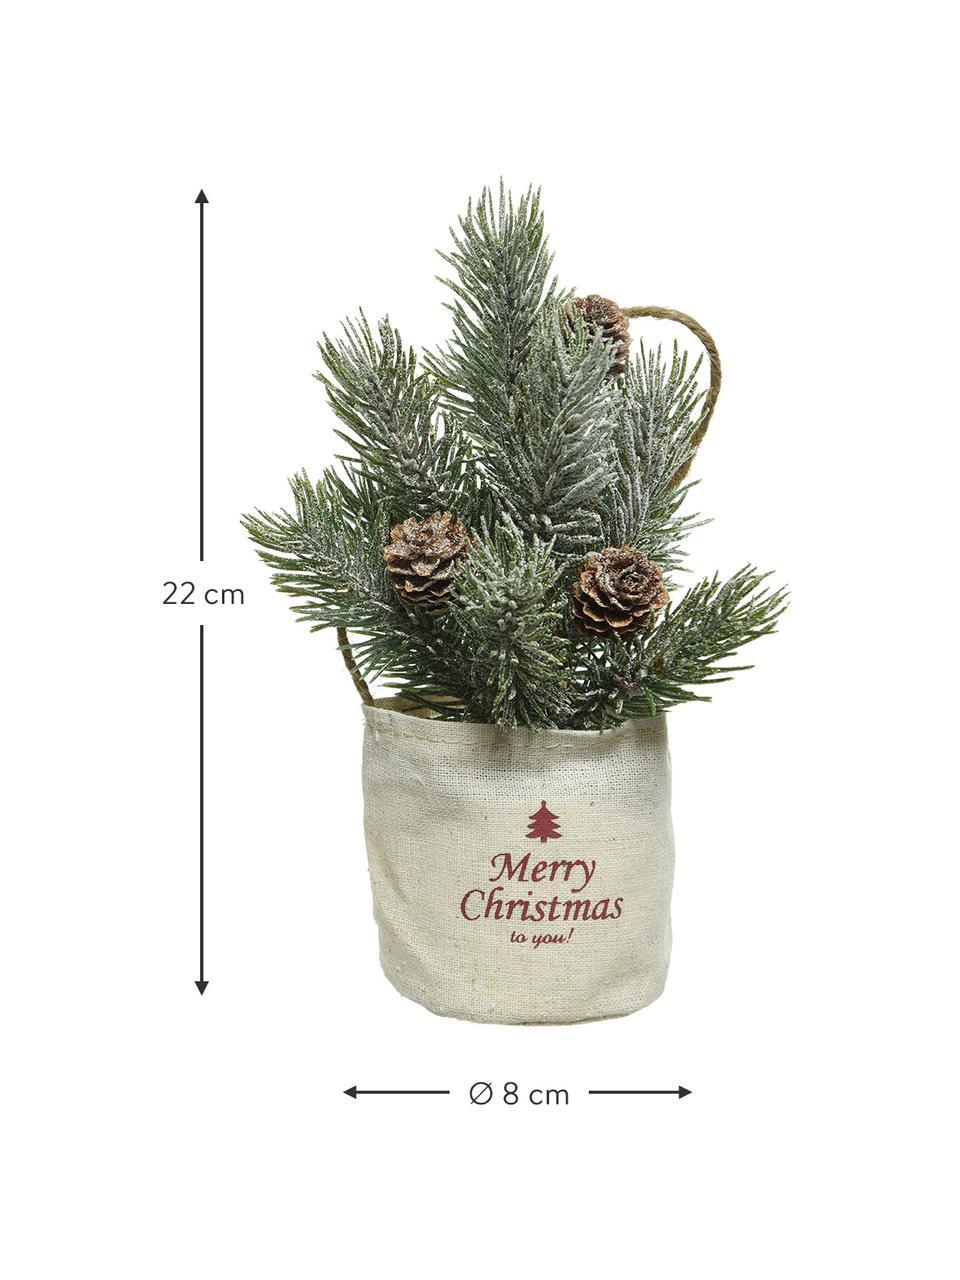 Künstliche Mini-Weihnachtsbäume Mibam H 22 cm, 2 Stück, Beutel: Jute, Grün, Braun, Beige, Ø 8 x H 22 cm